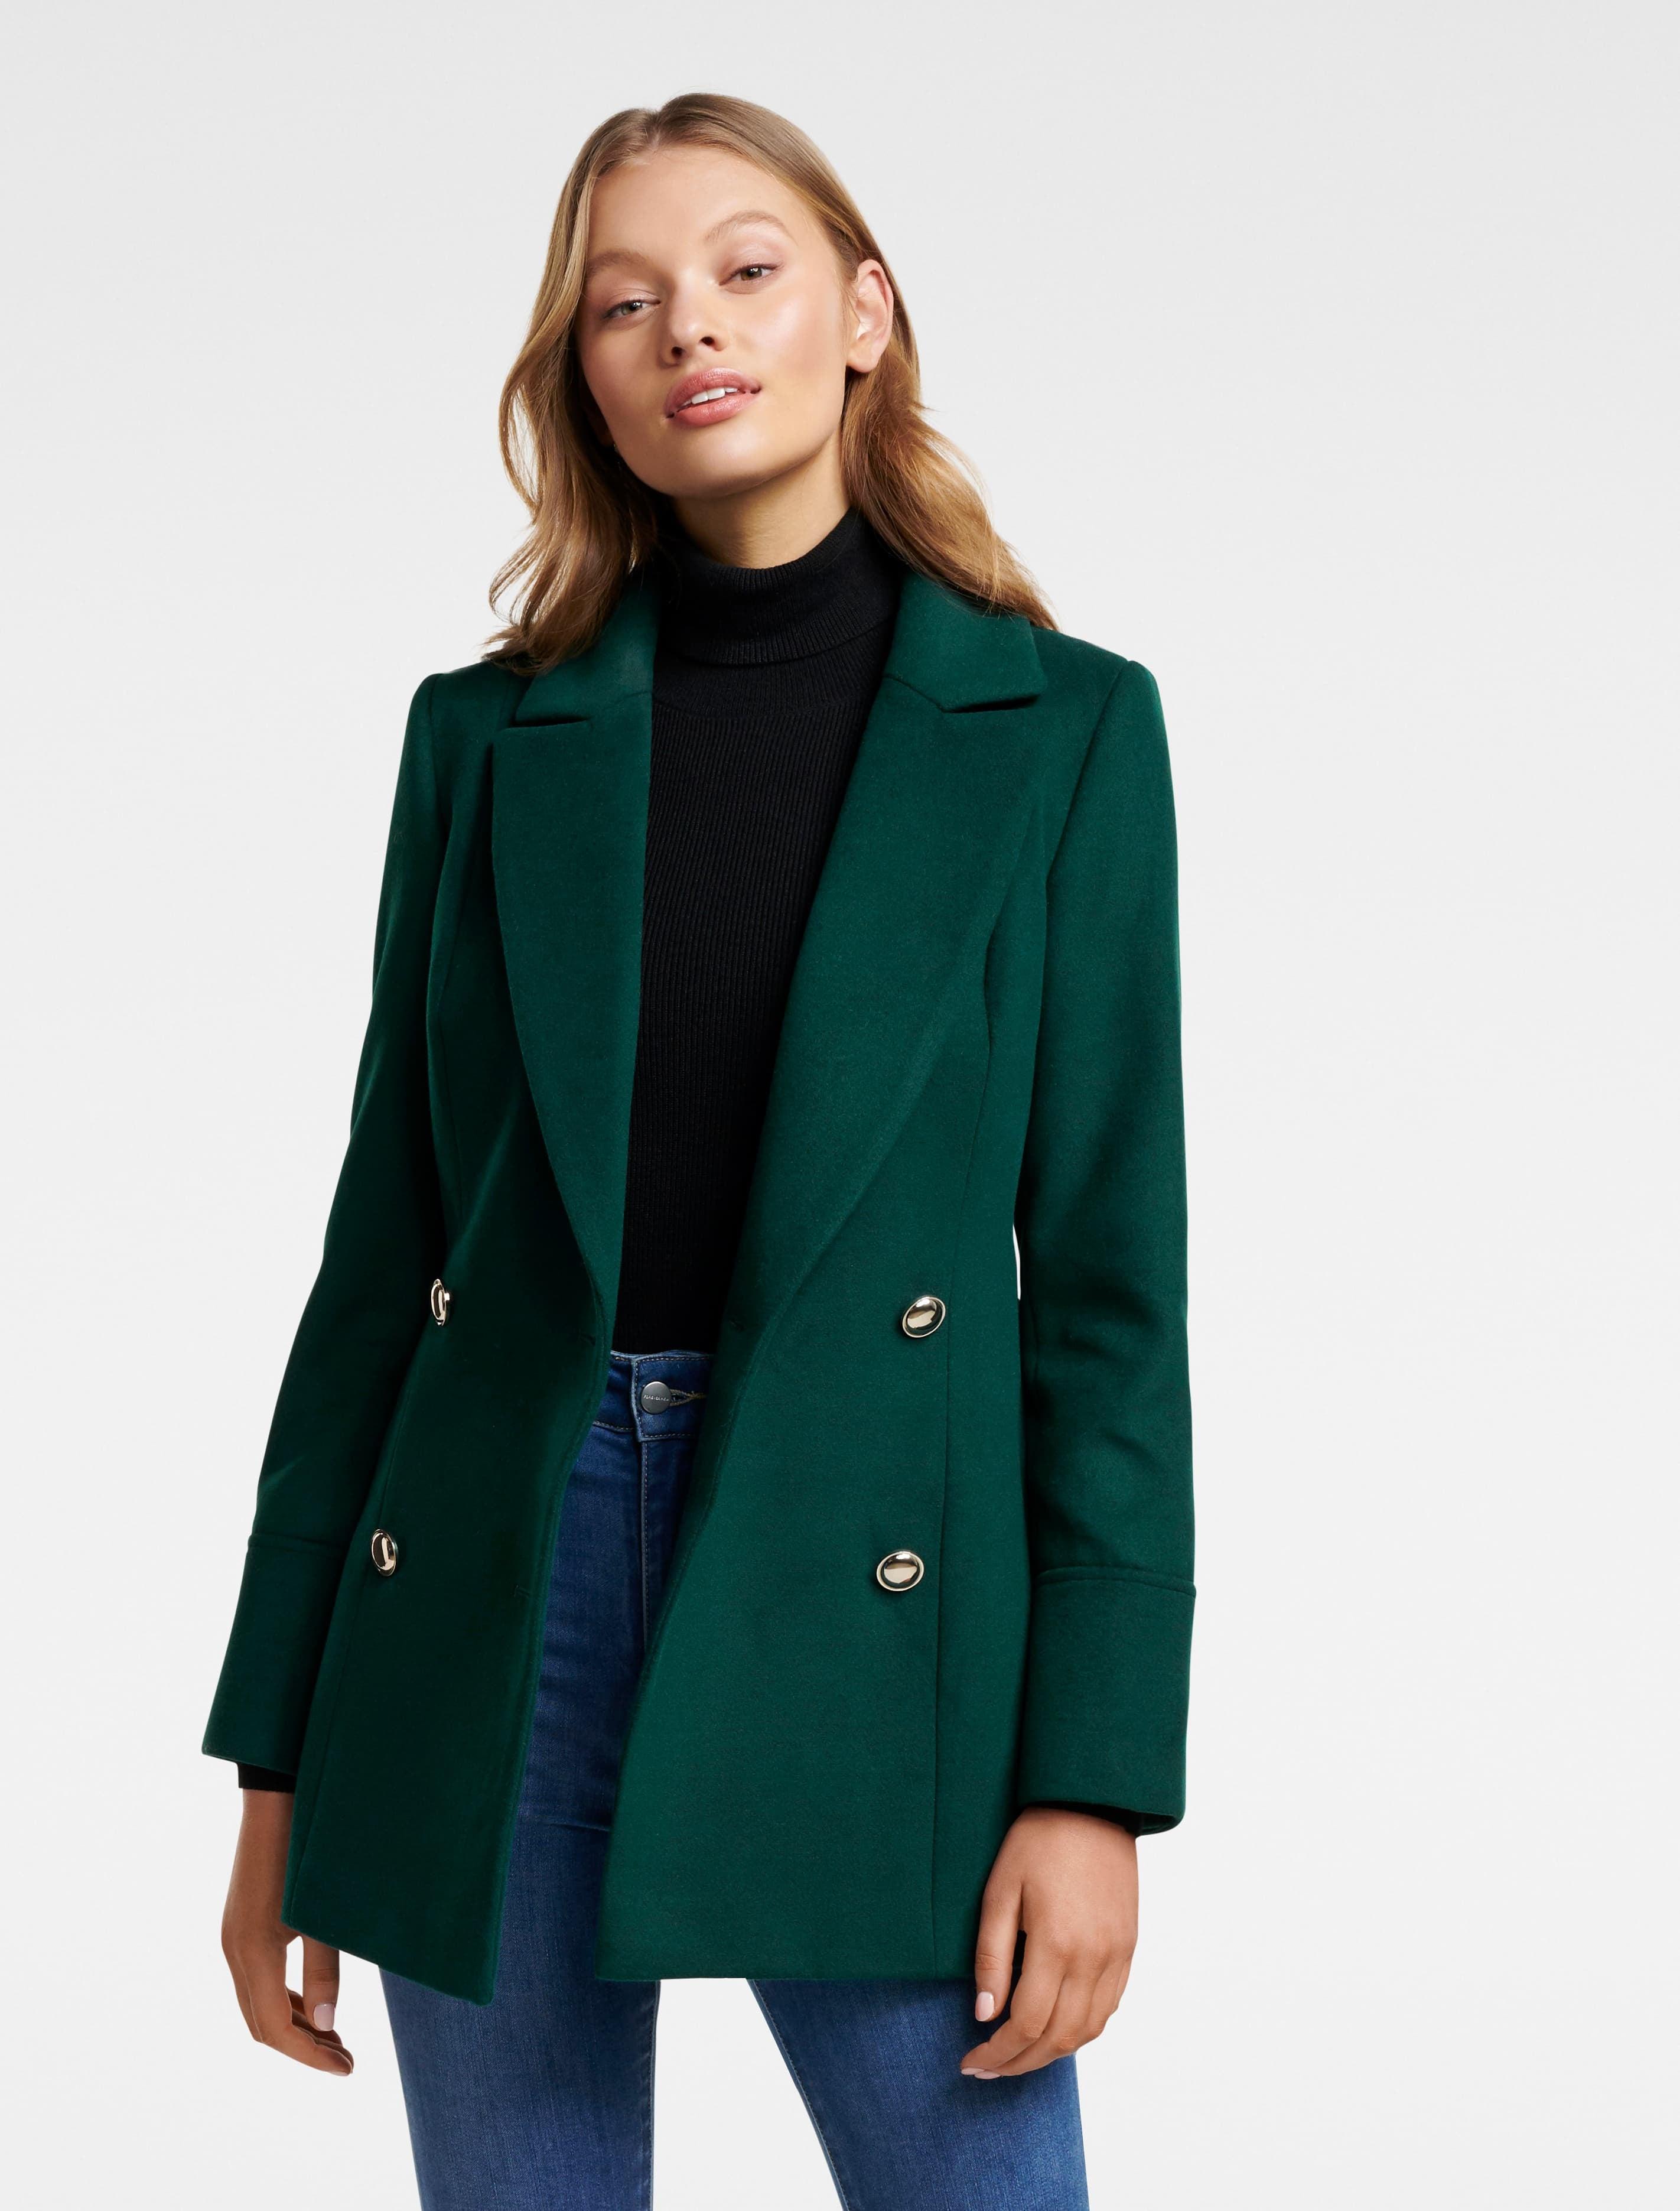 70s Jackets, Furs, Vests, Ponchos Nina Wrap Coat - Green - 6 $49.95 AT vintagedancer.com